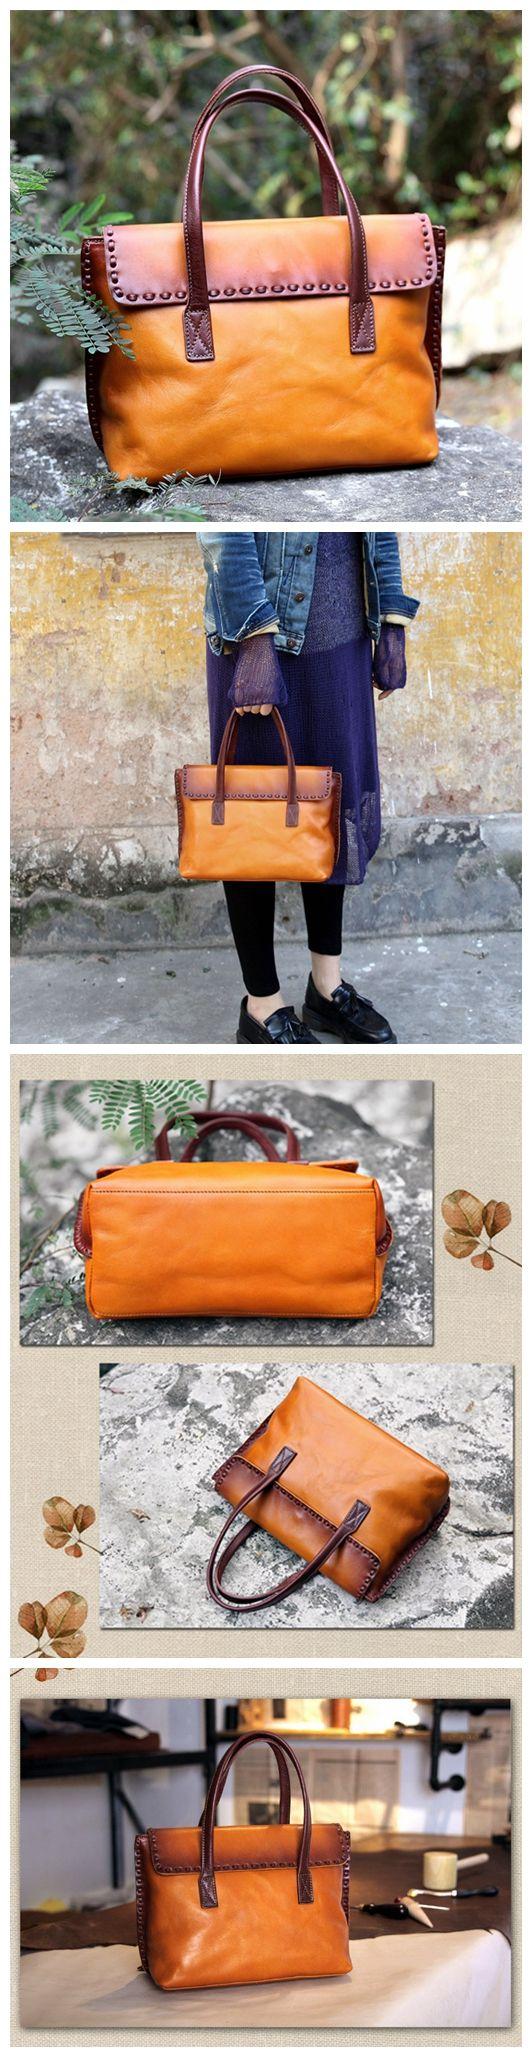 LISABAG--Vintage Genuine Leather Tote Bag Handbag Women Leather Shopping Bag Shoulder Bag AK01